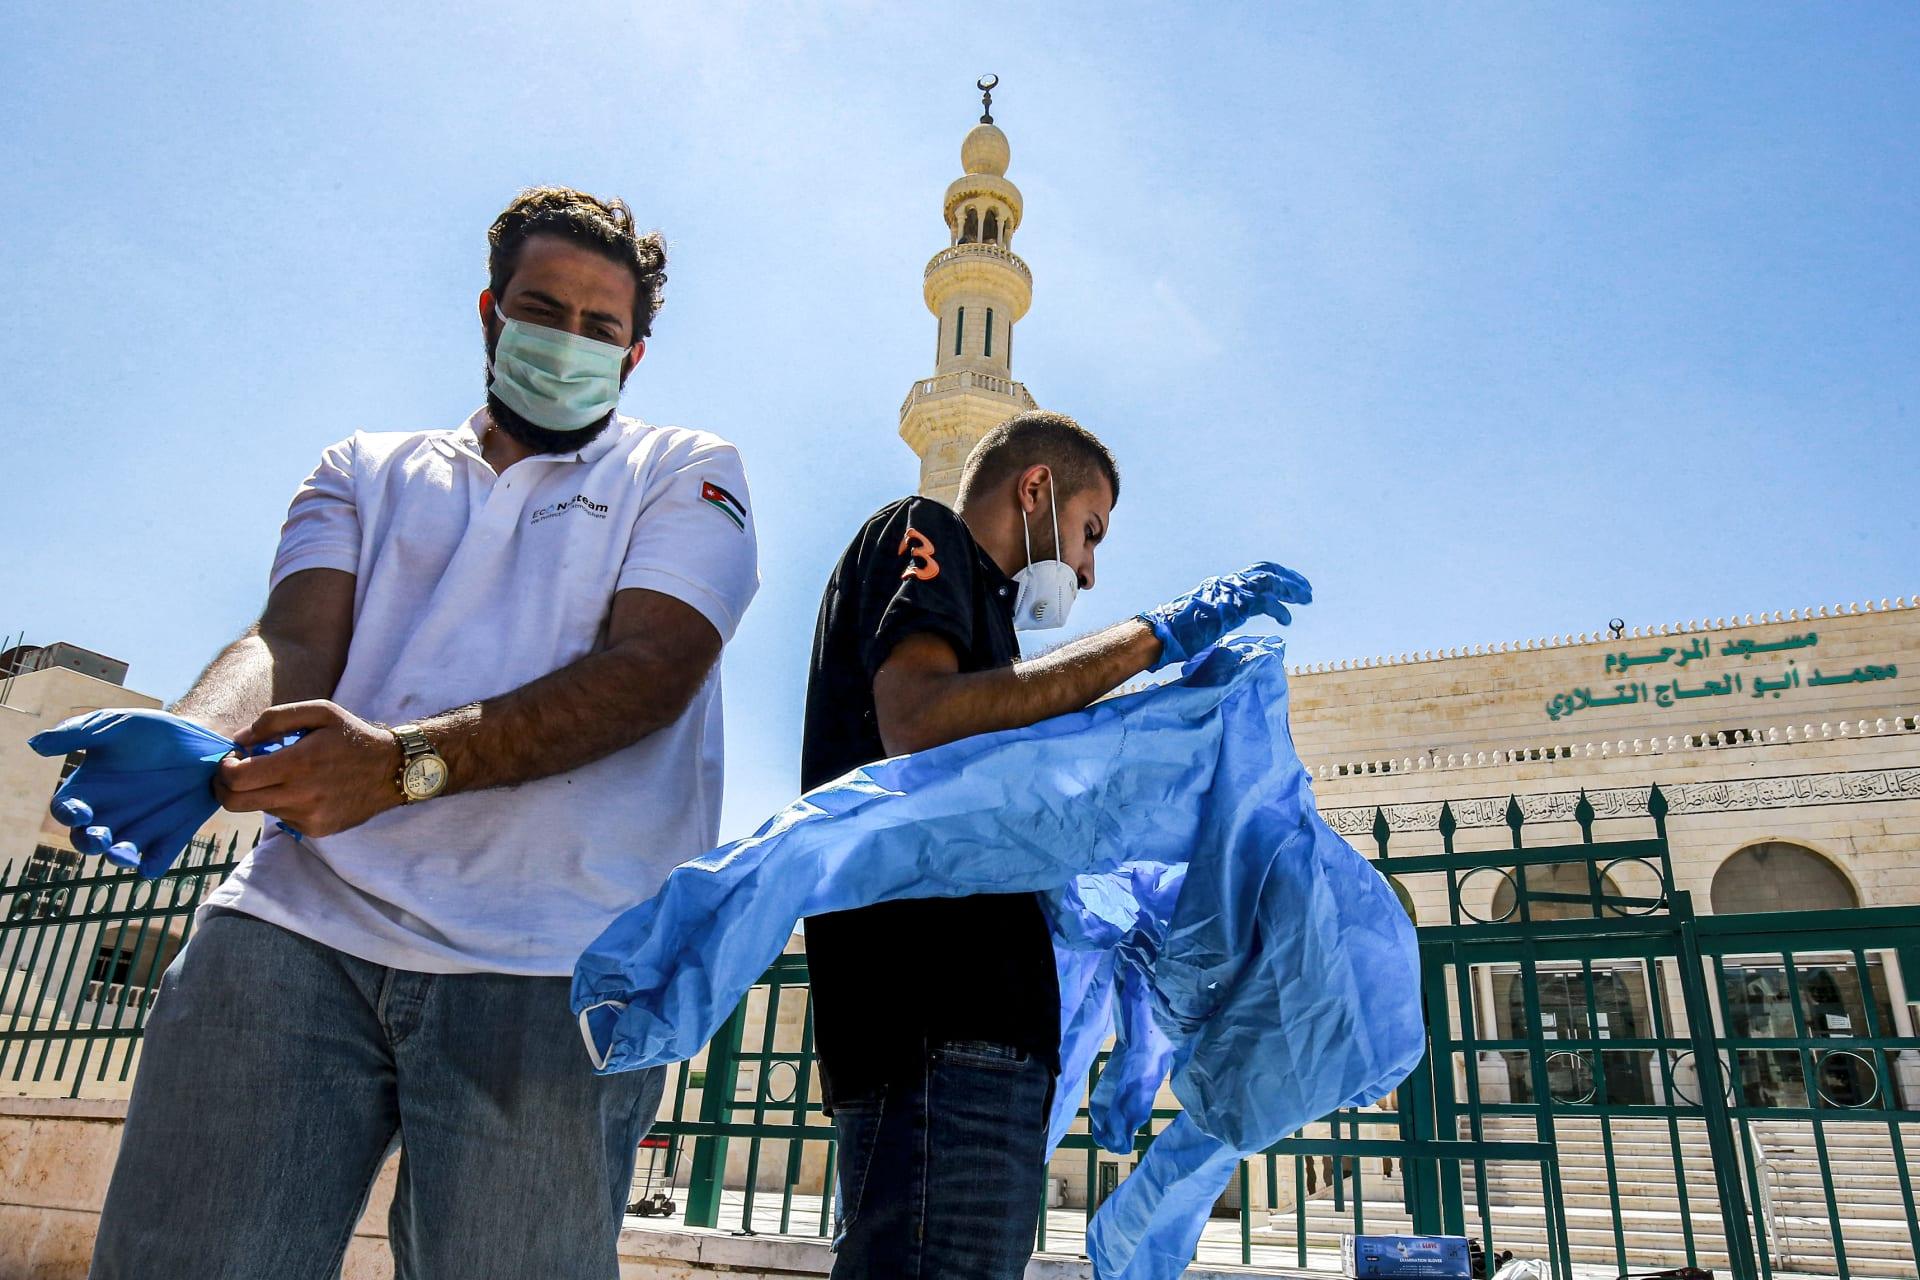 الأردن يسجل أعلى حصيلة يومية للوفيات الناجمة عن فيروس كورونا